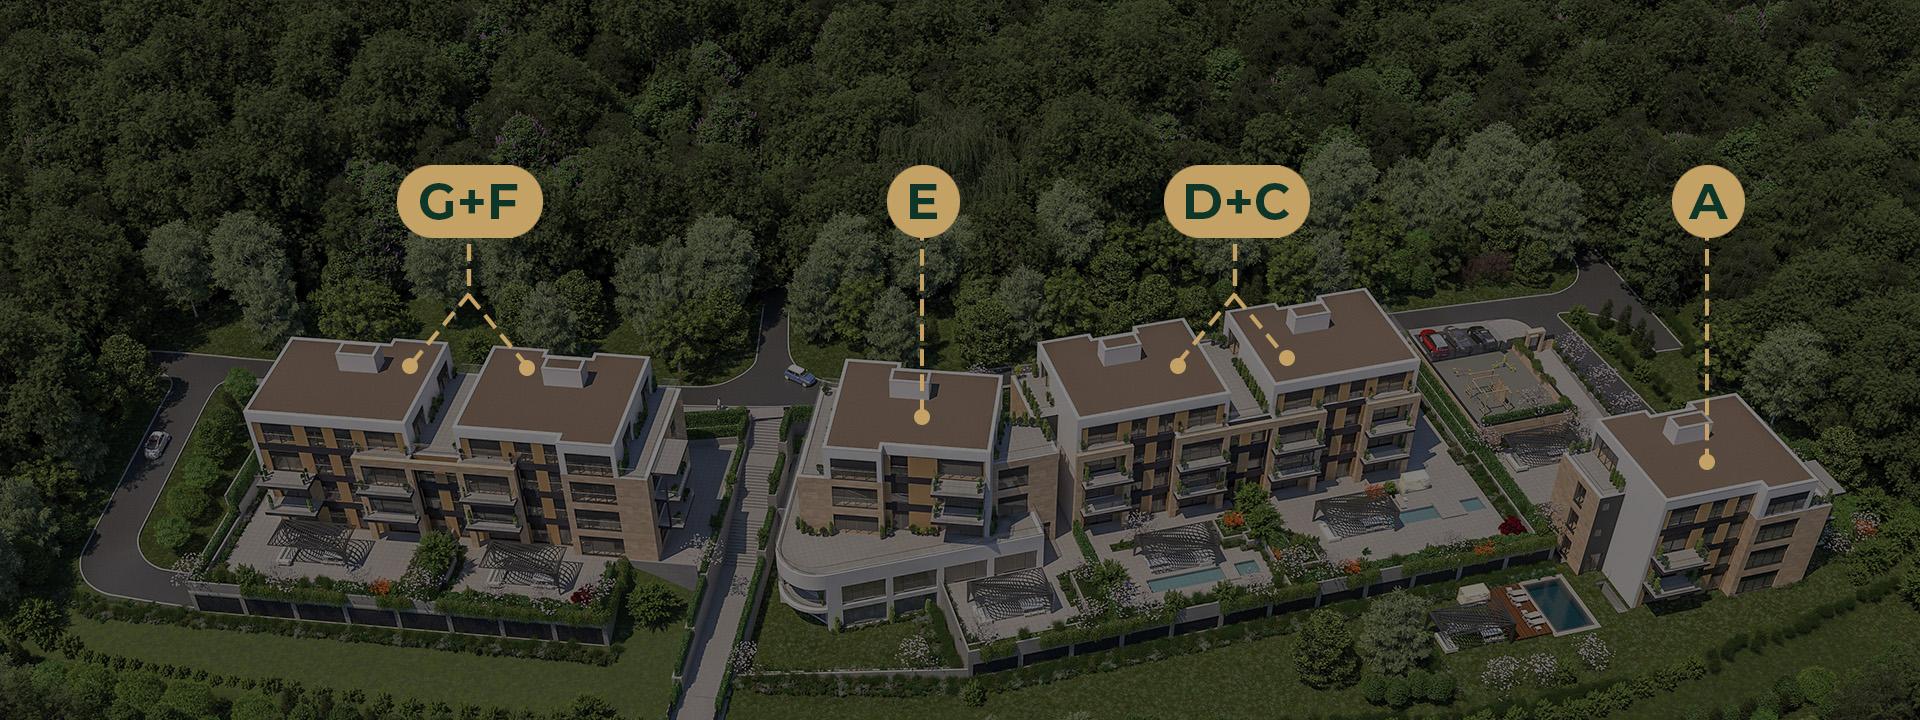 Stambeni kompleks Green Hill se sastoji od 6 lamela.